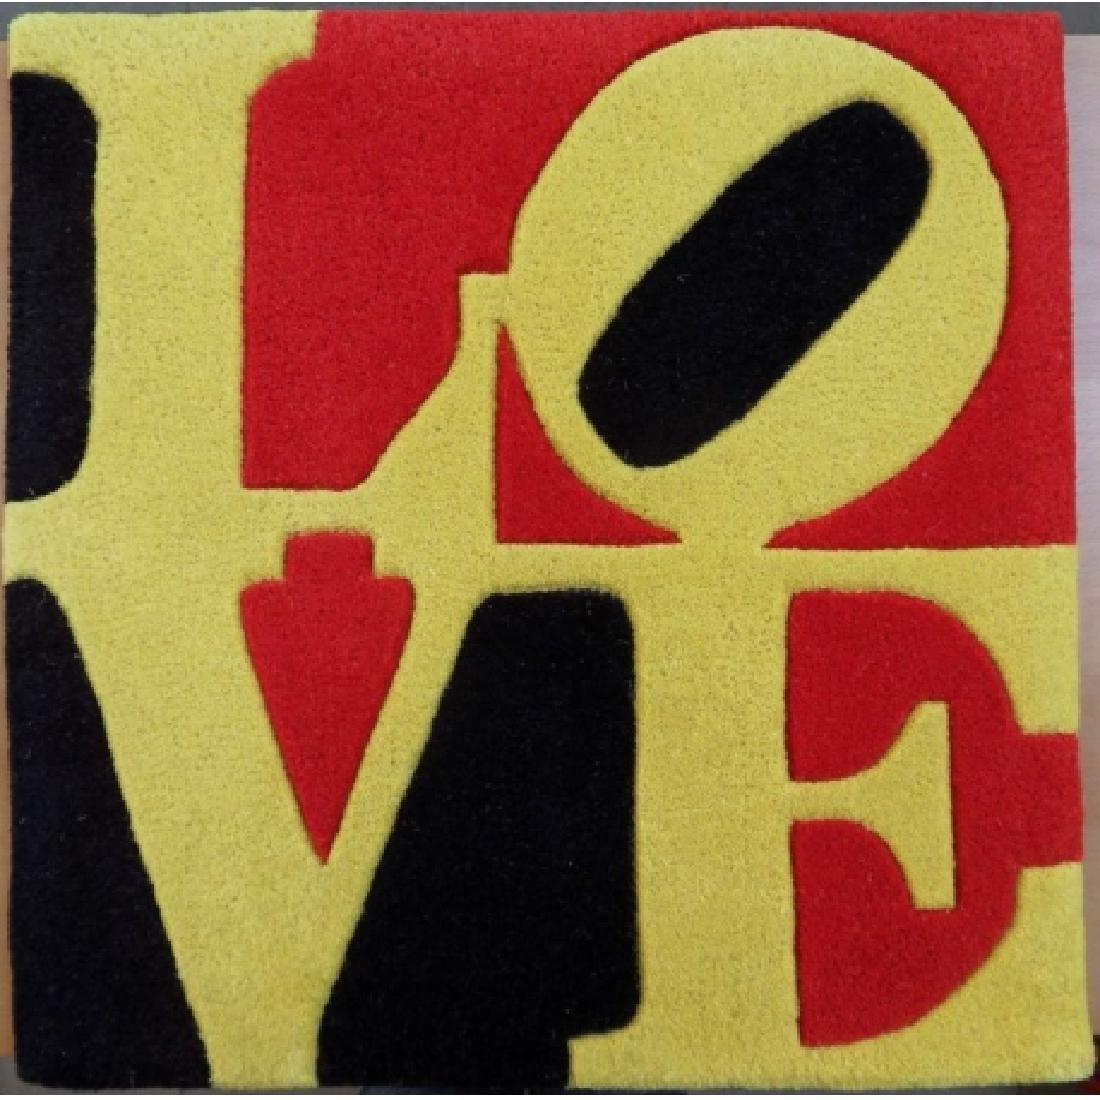 Robert INDIANA Liebe LOVE